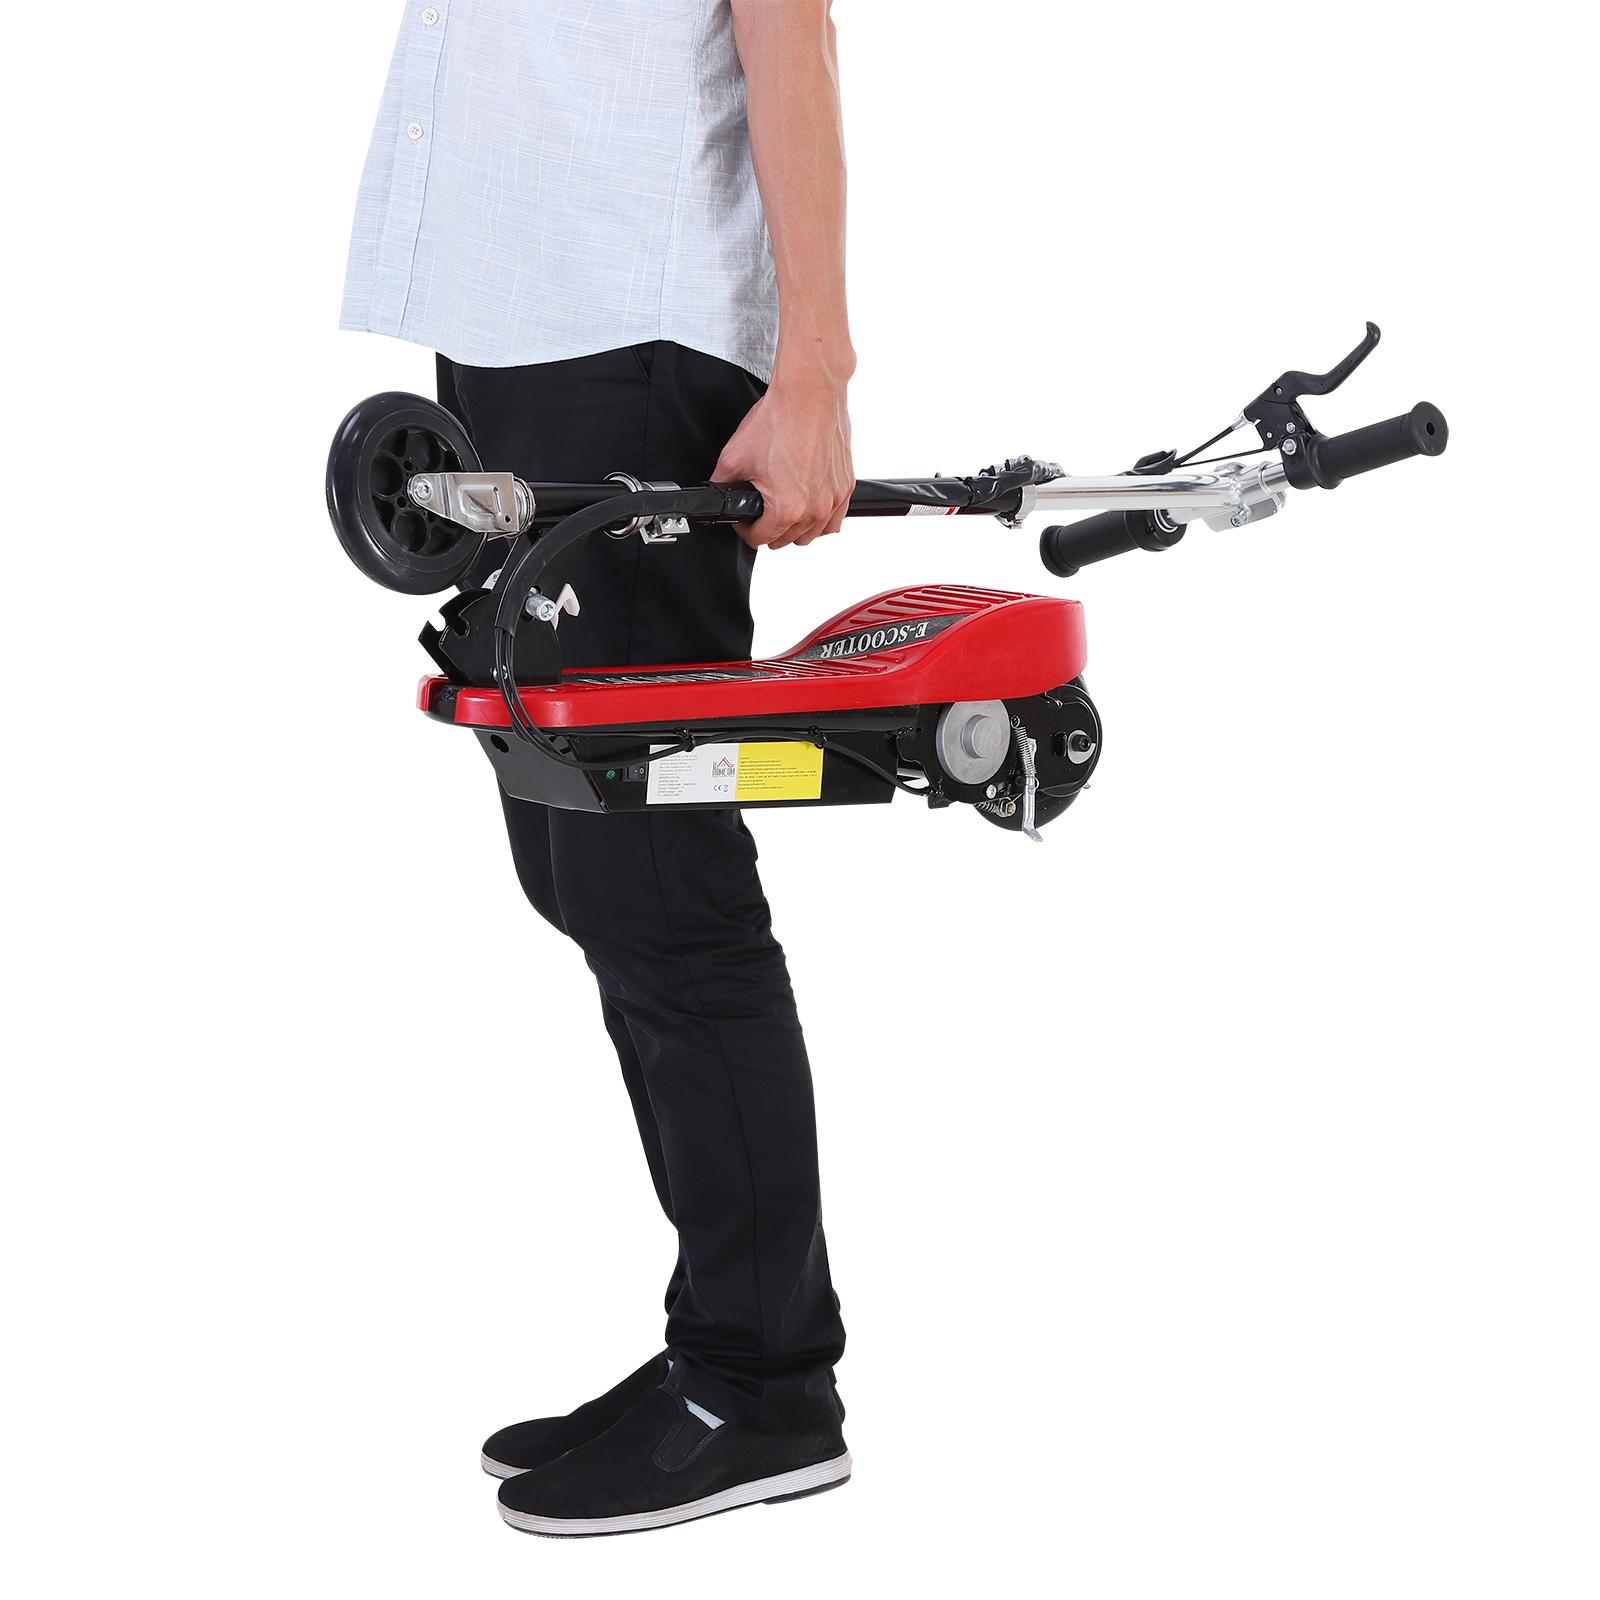 Patinete-Plegable-con-Manillar-Ajustable-tipo-Scooter-Electrico-de-Acero-Nuevo miniatura 33